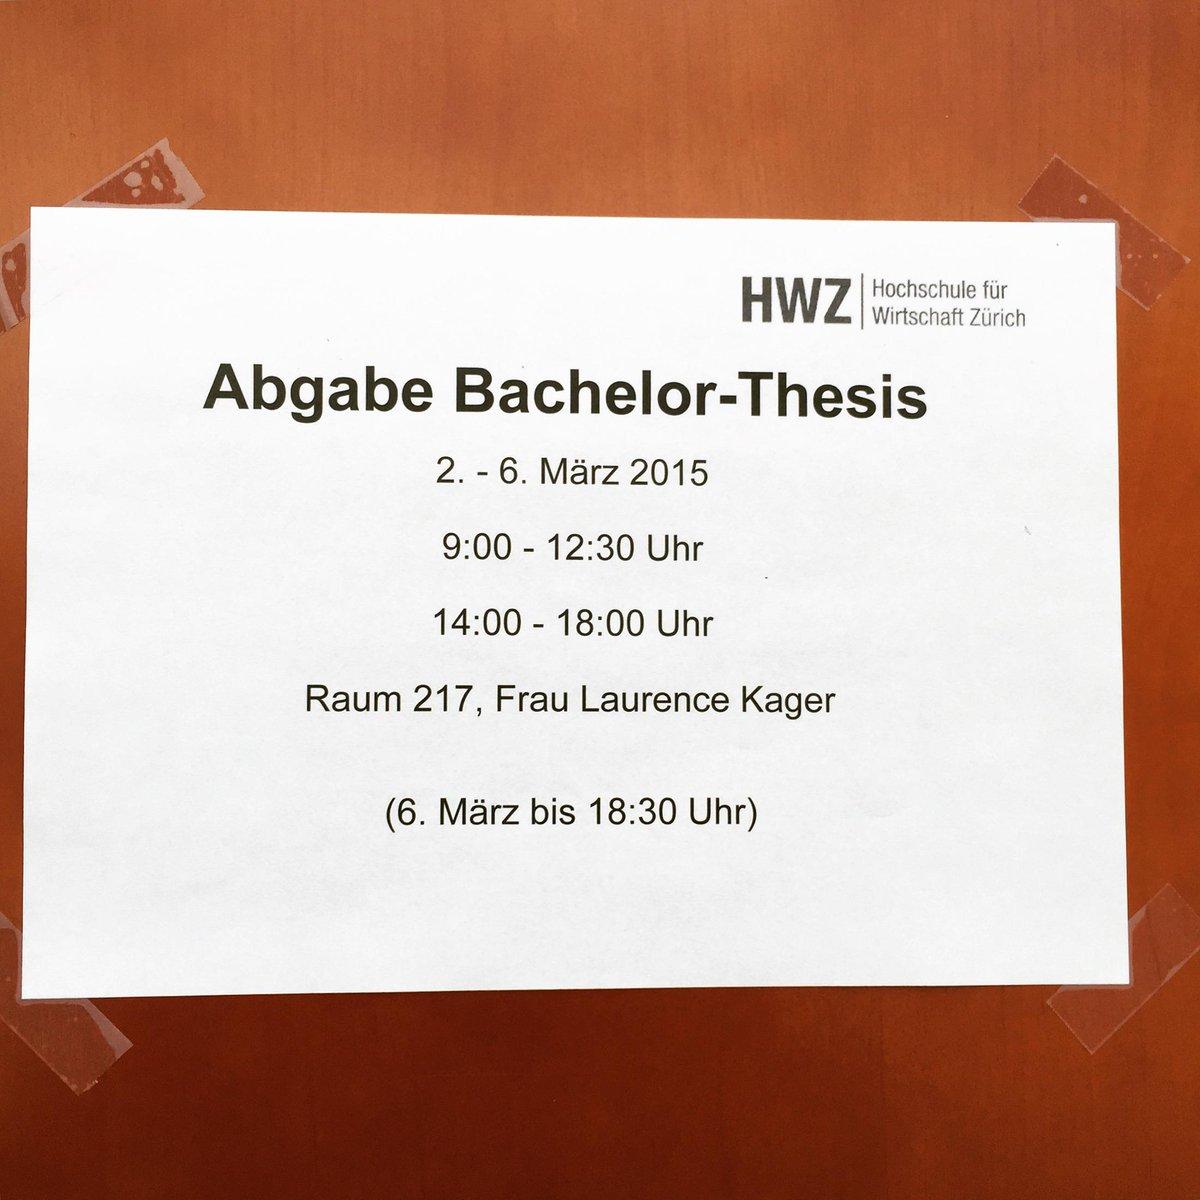 hwz bachelor thesis